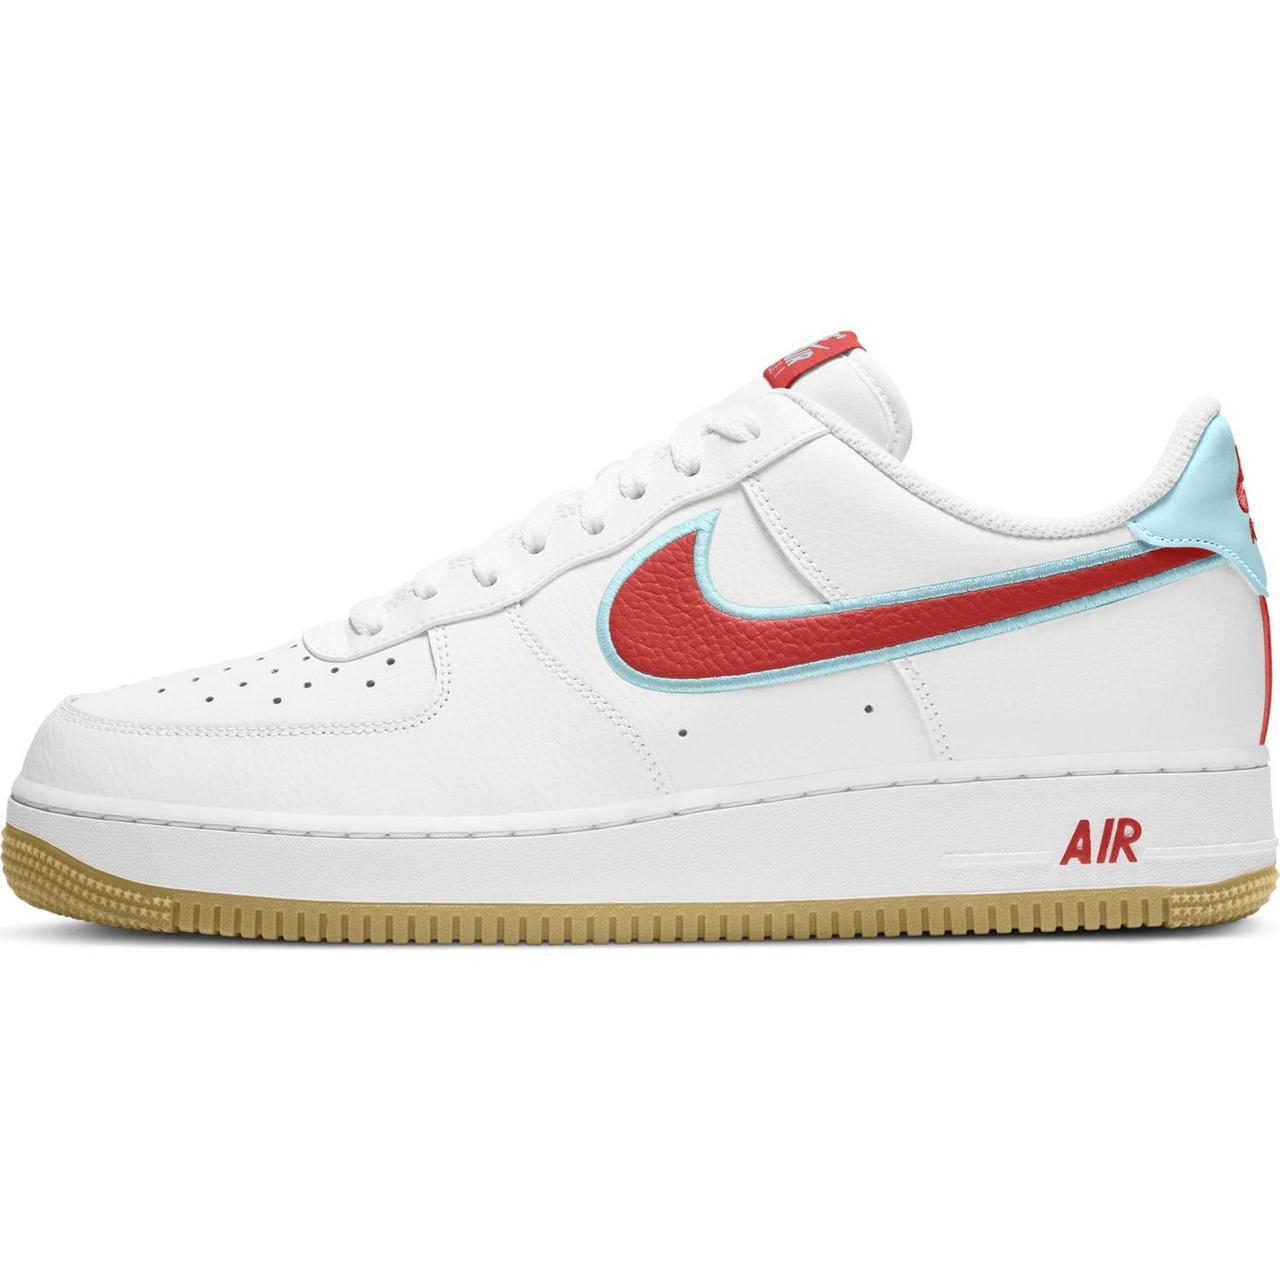 Мужские кроссовки Nike Air Force 1 '07 DA4660-101